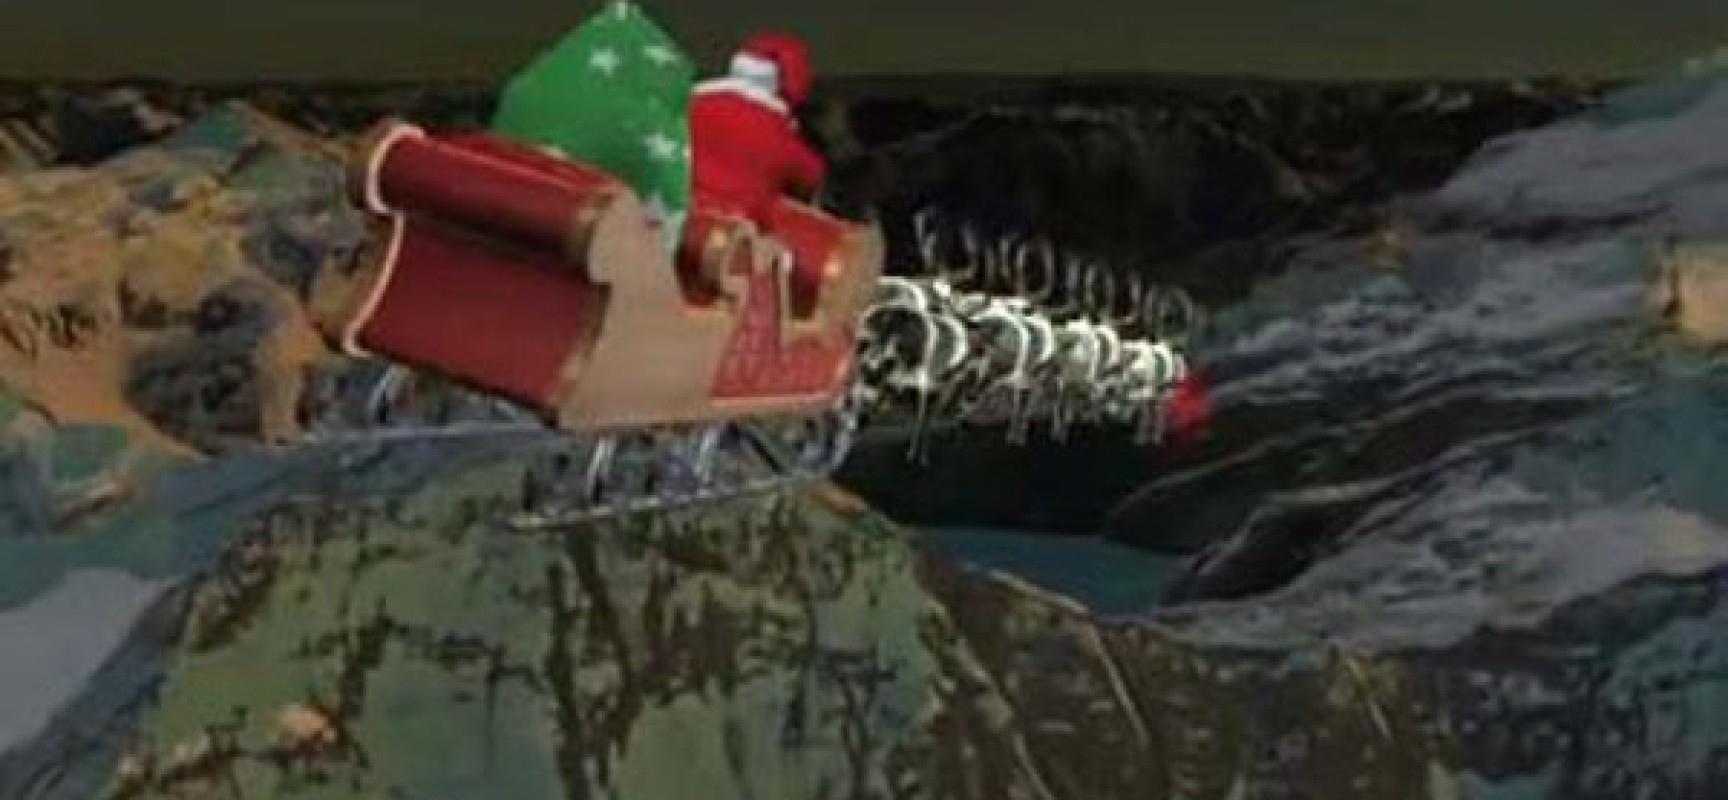 Père Noël Enrôlé Par Le Norad | Réseau International dedans Nom Des Rennes Du Pere Noel